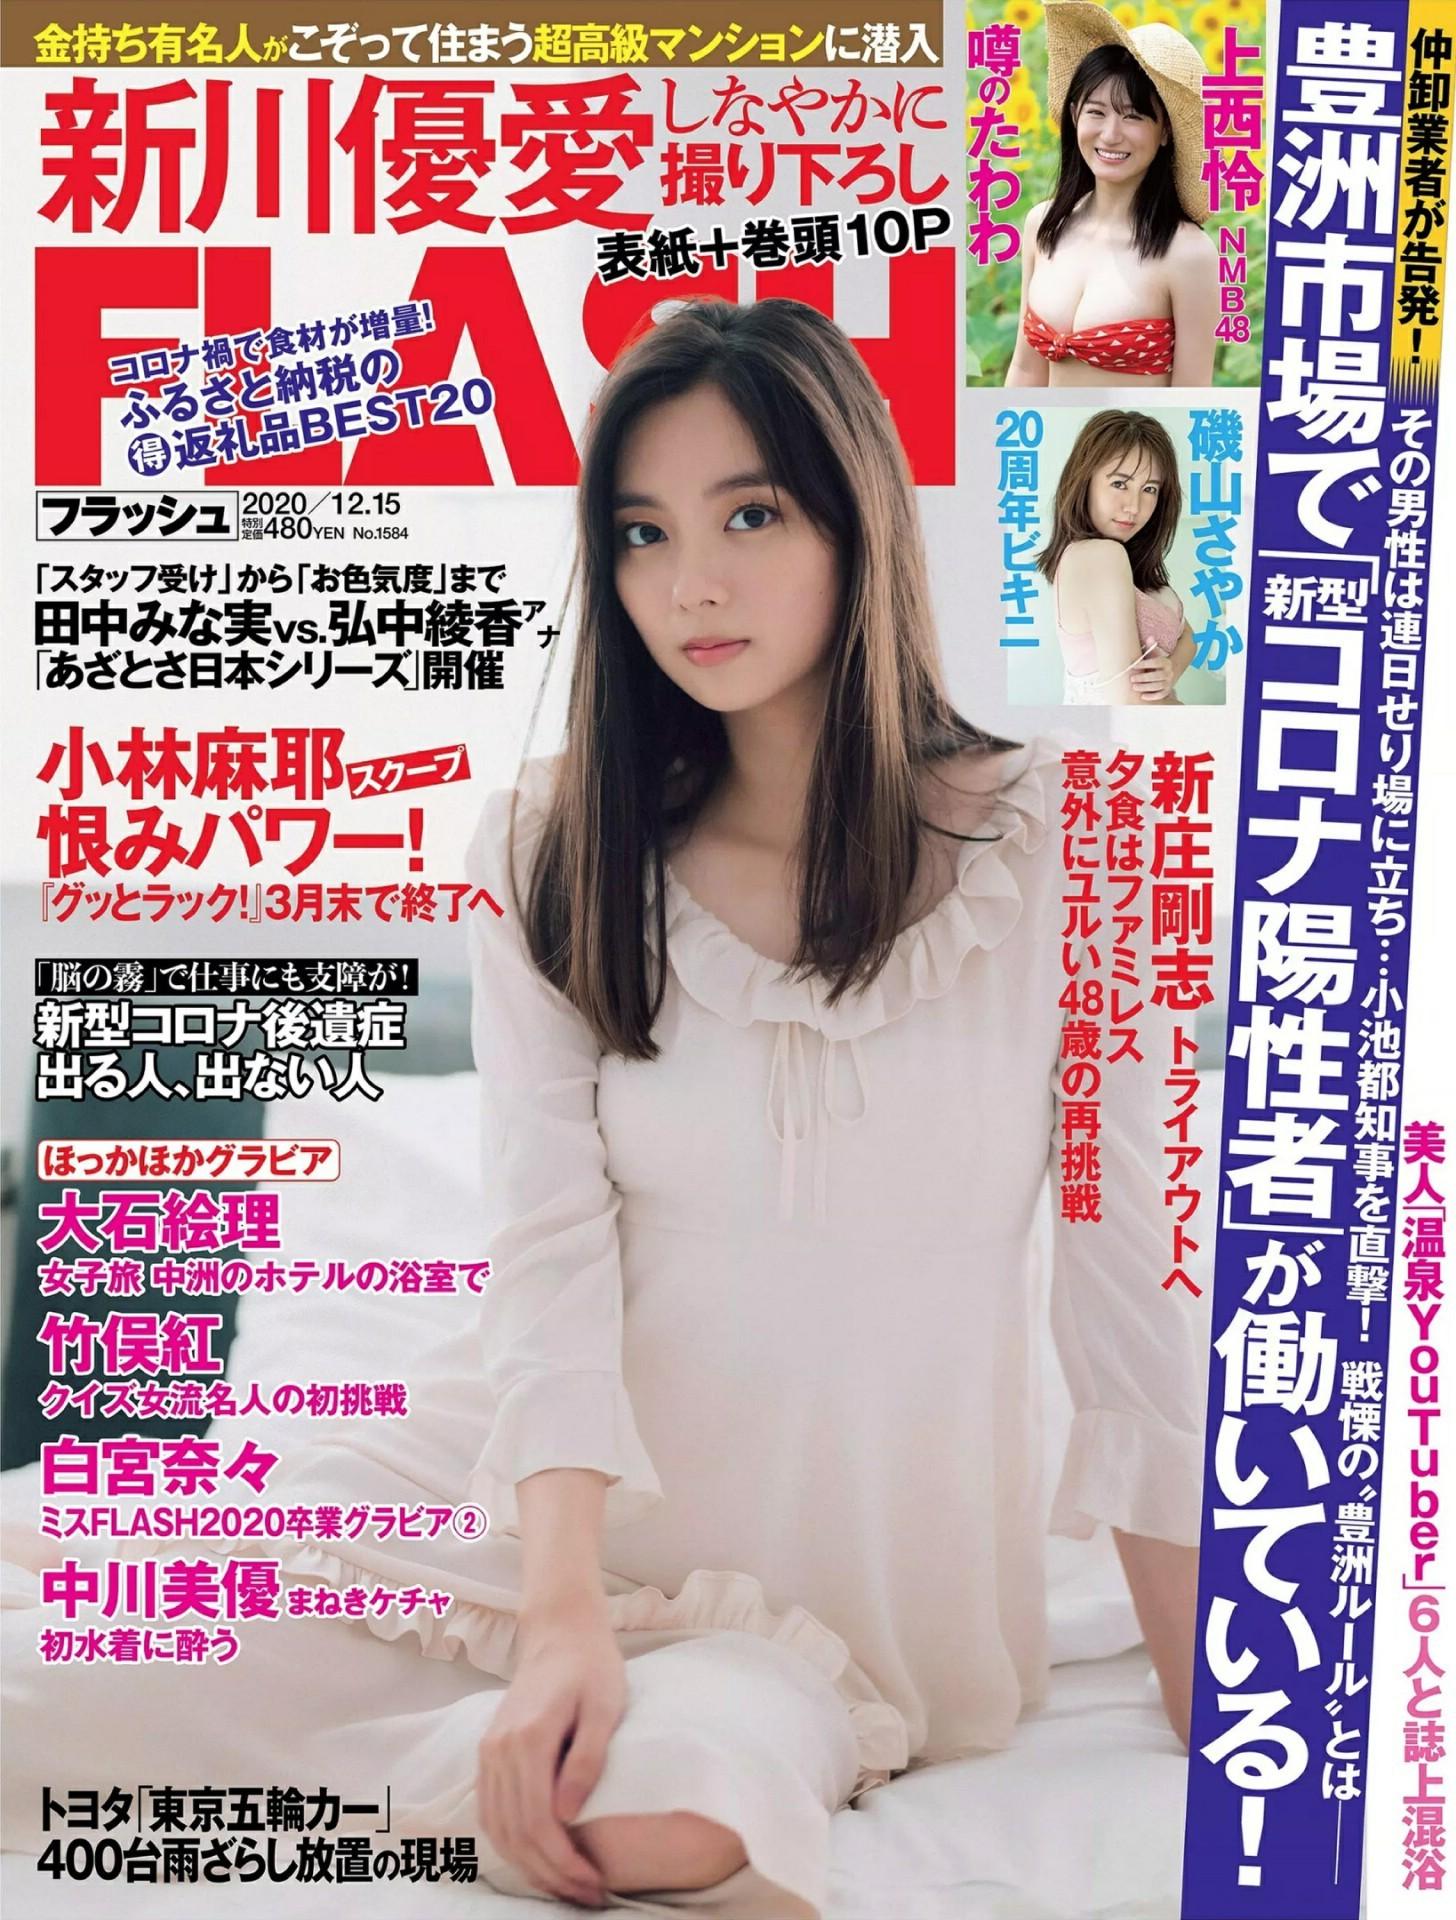 新川优爱 小西怜-FLASH 2020年12月15日刊